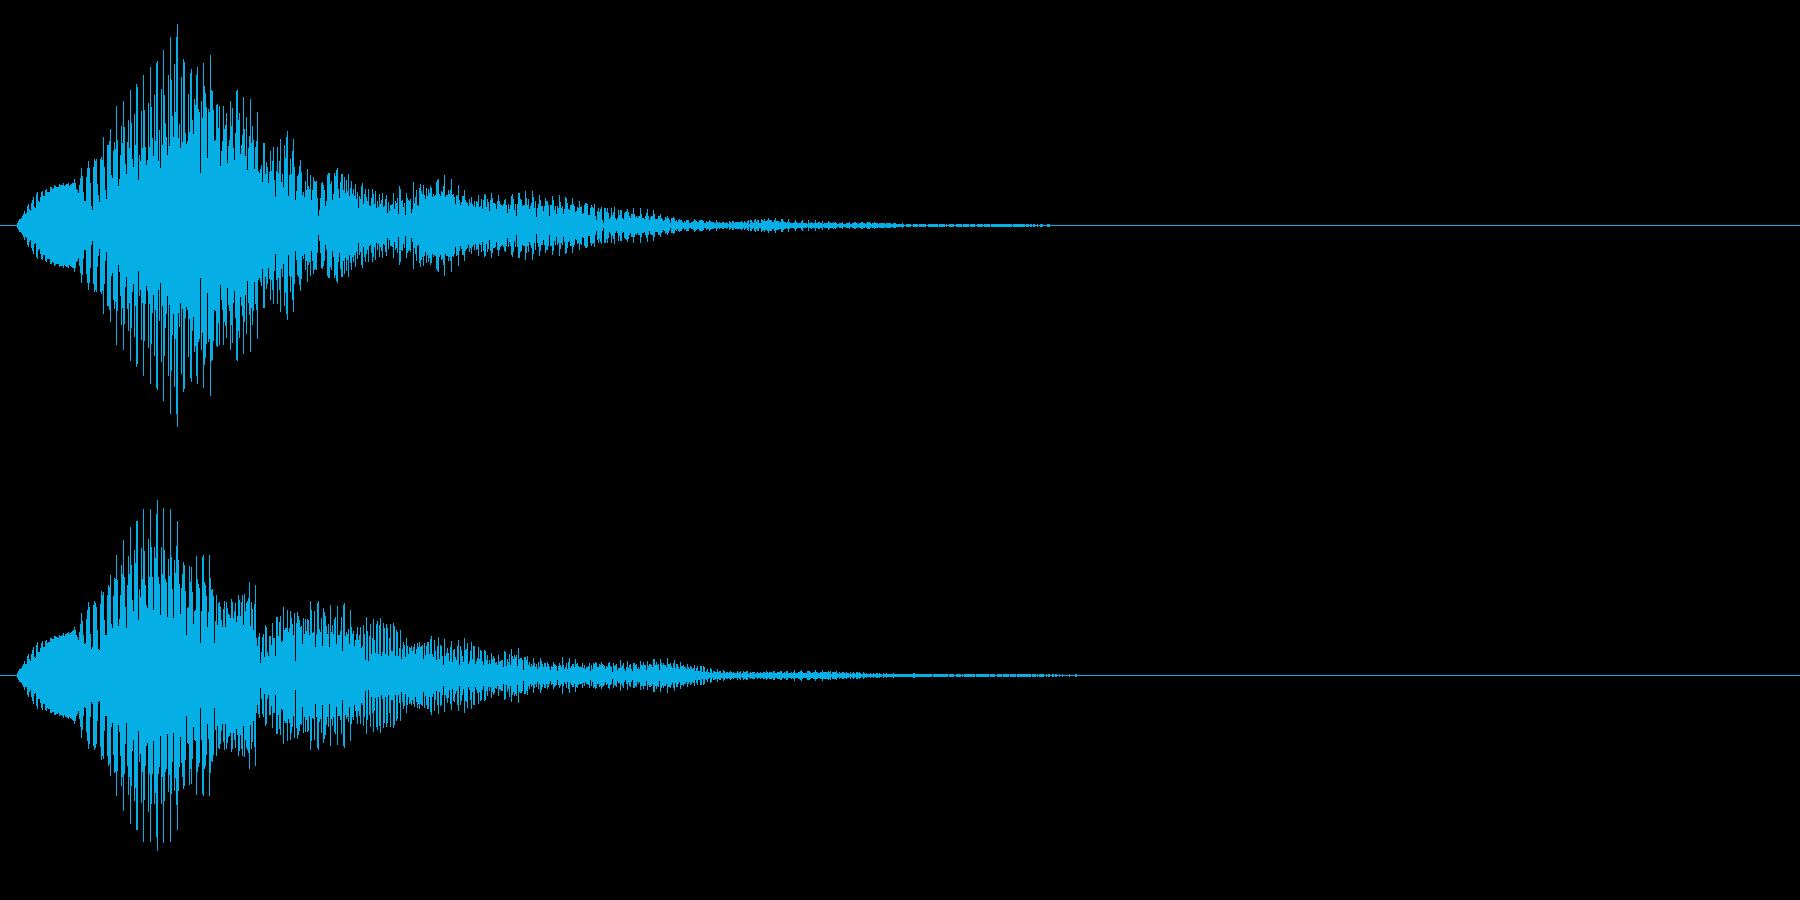 プワワン(回復魔法・アイテム使用)の再生済みの波形